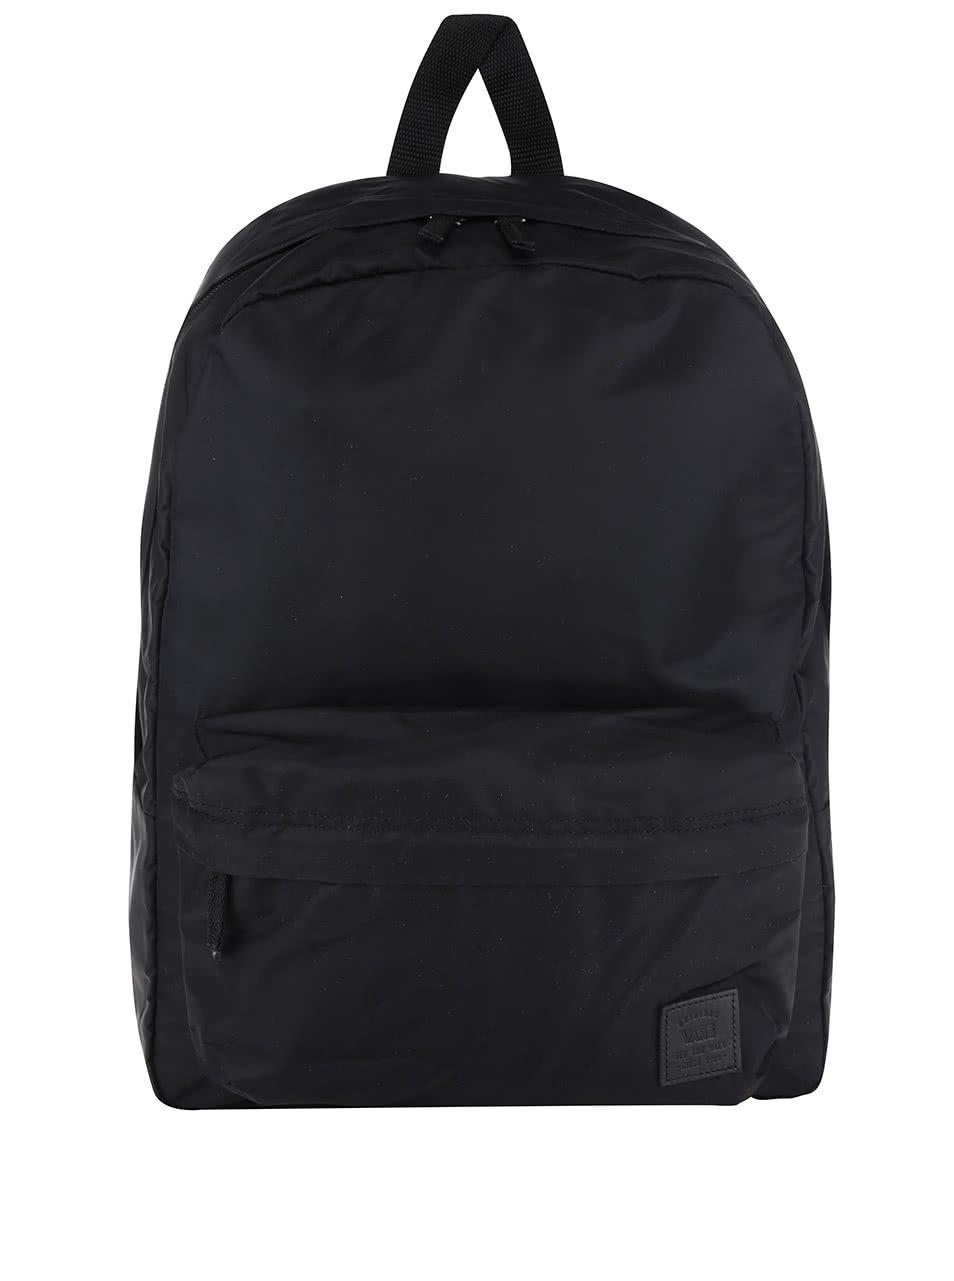 Černý unisex batoh Vans Deana